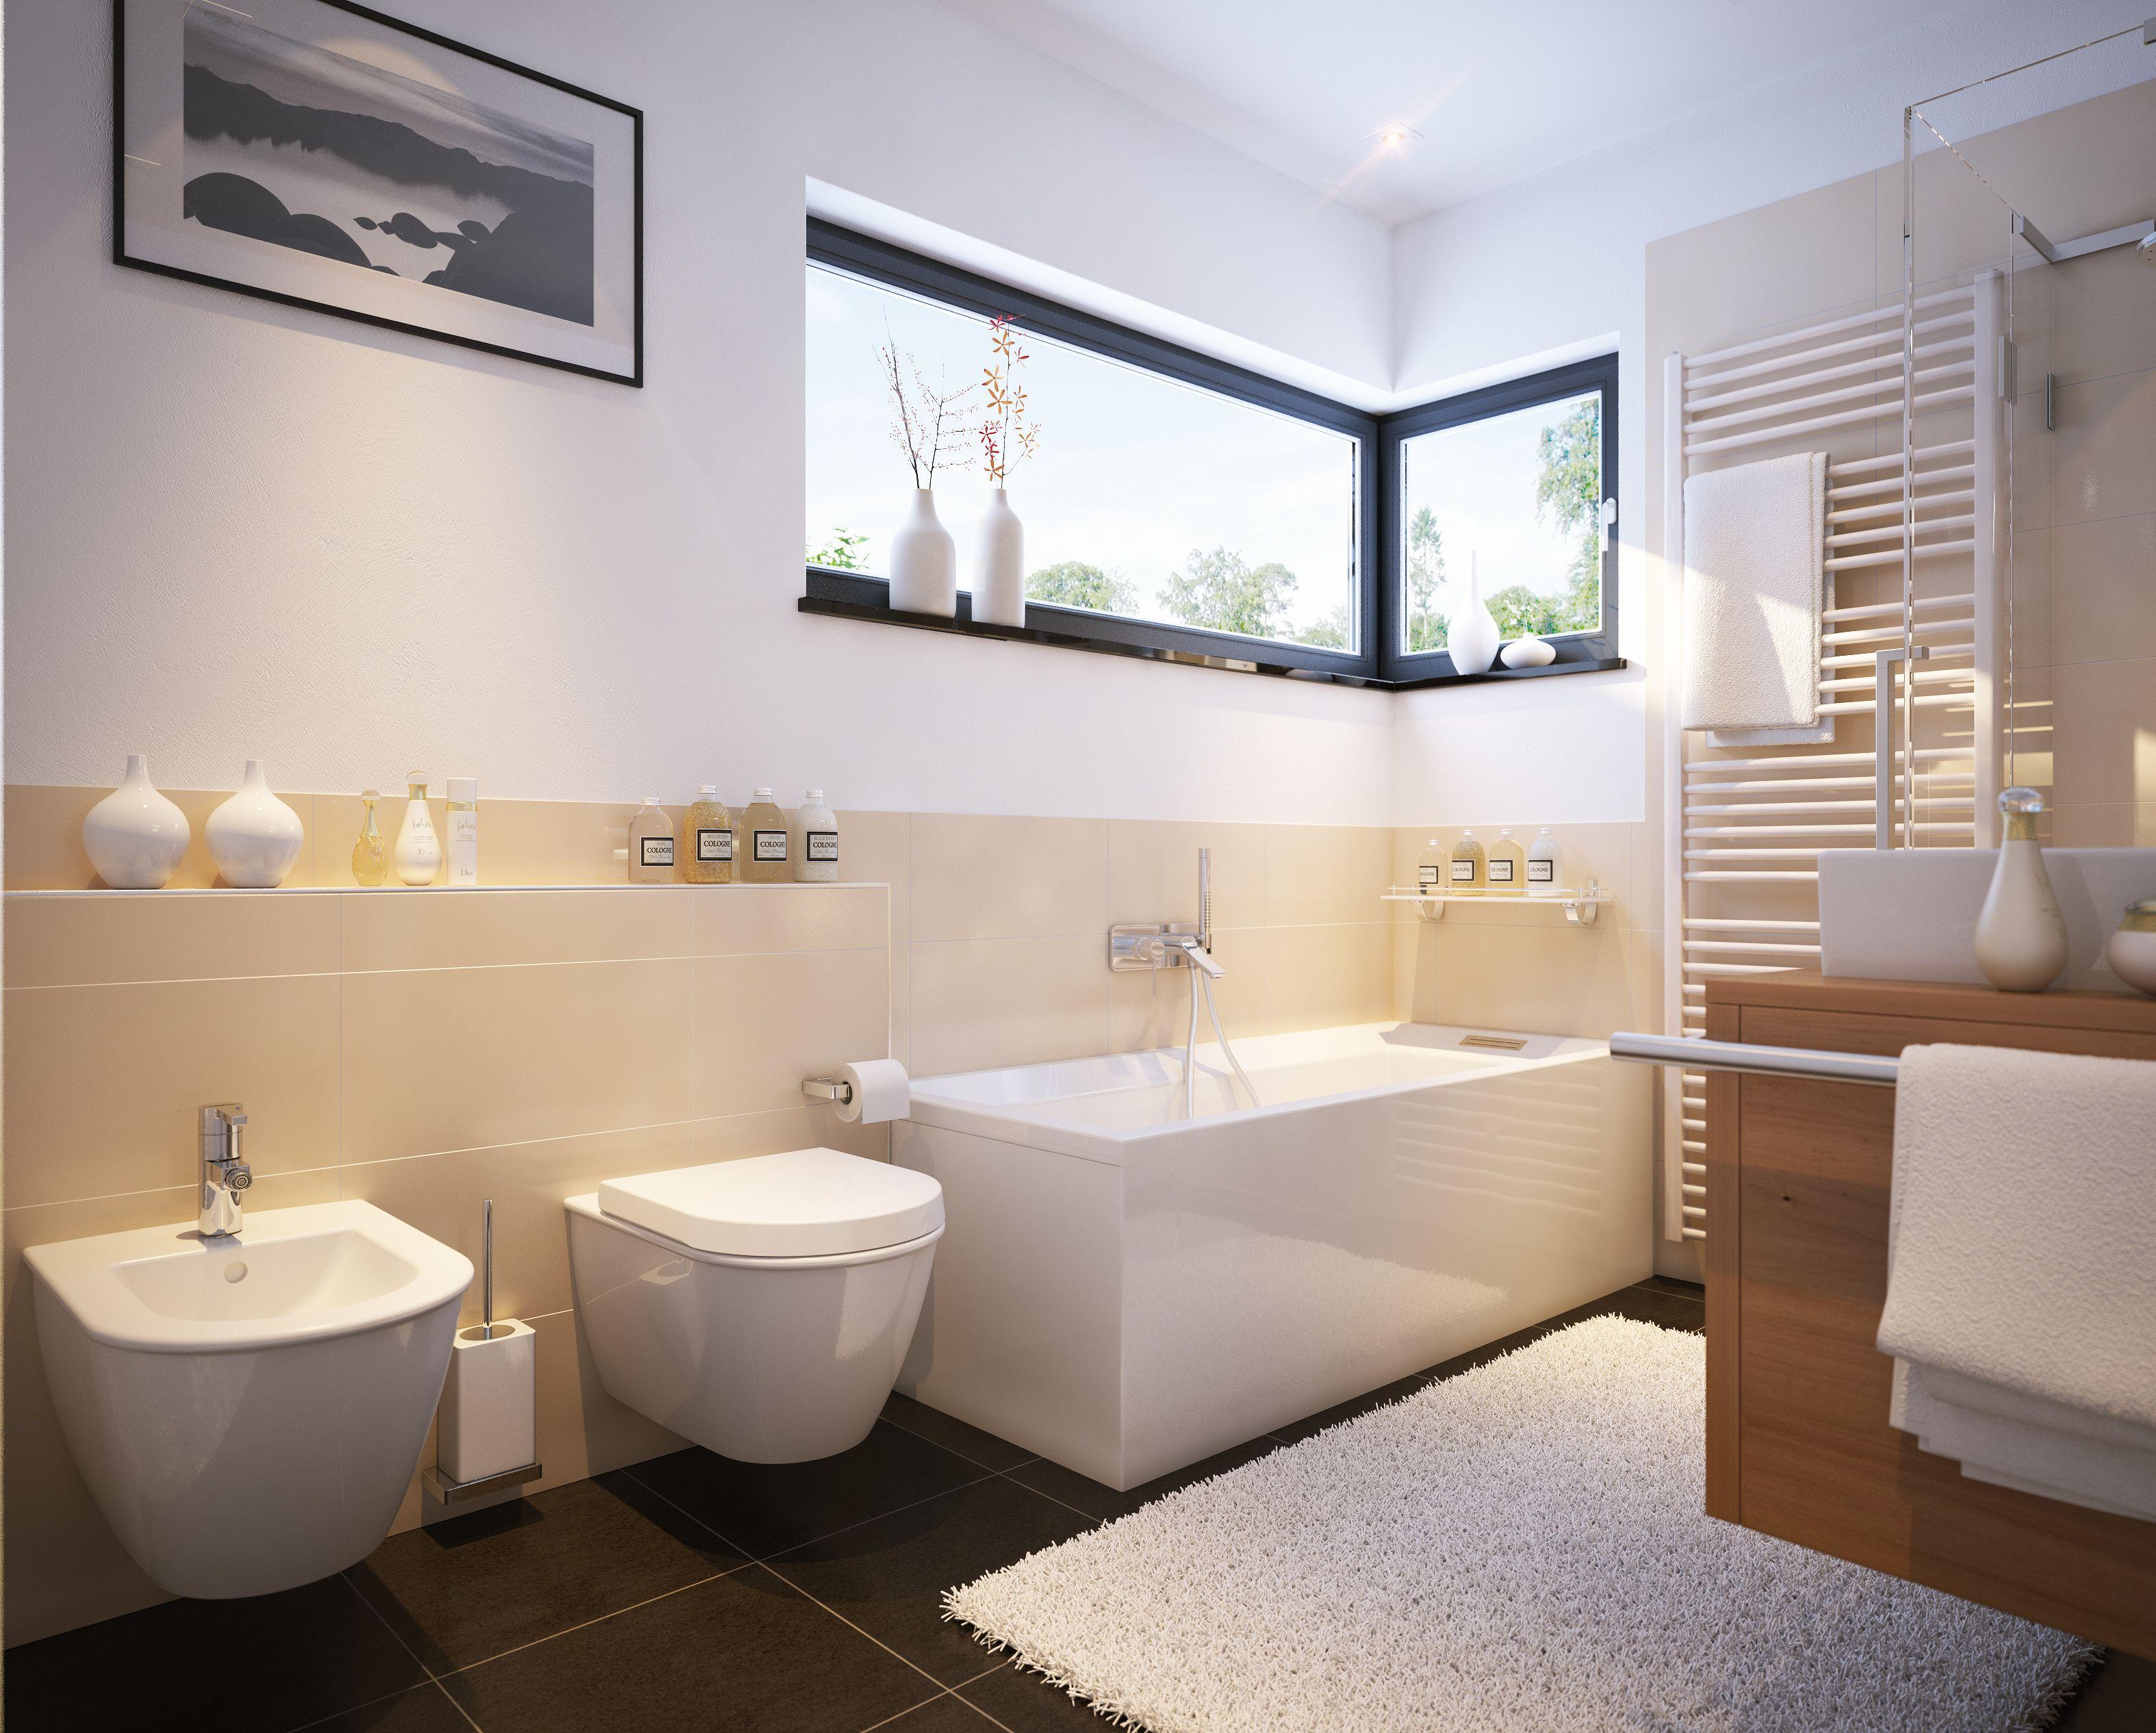 Badezimmer Aufteilung Ideen In 2020 Small Bathroom Remodel Modern Bathroom Bathrooms Remodel